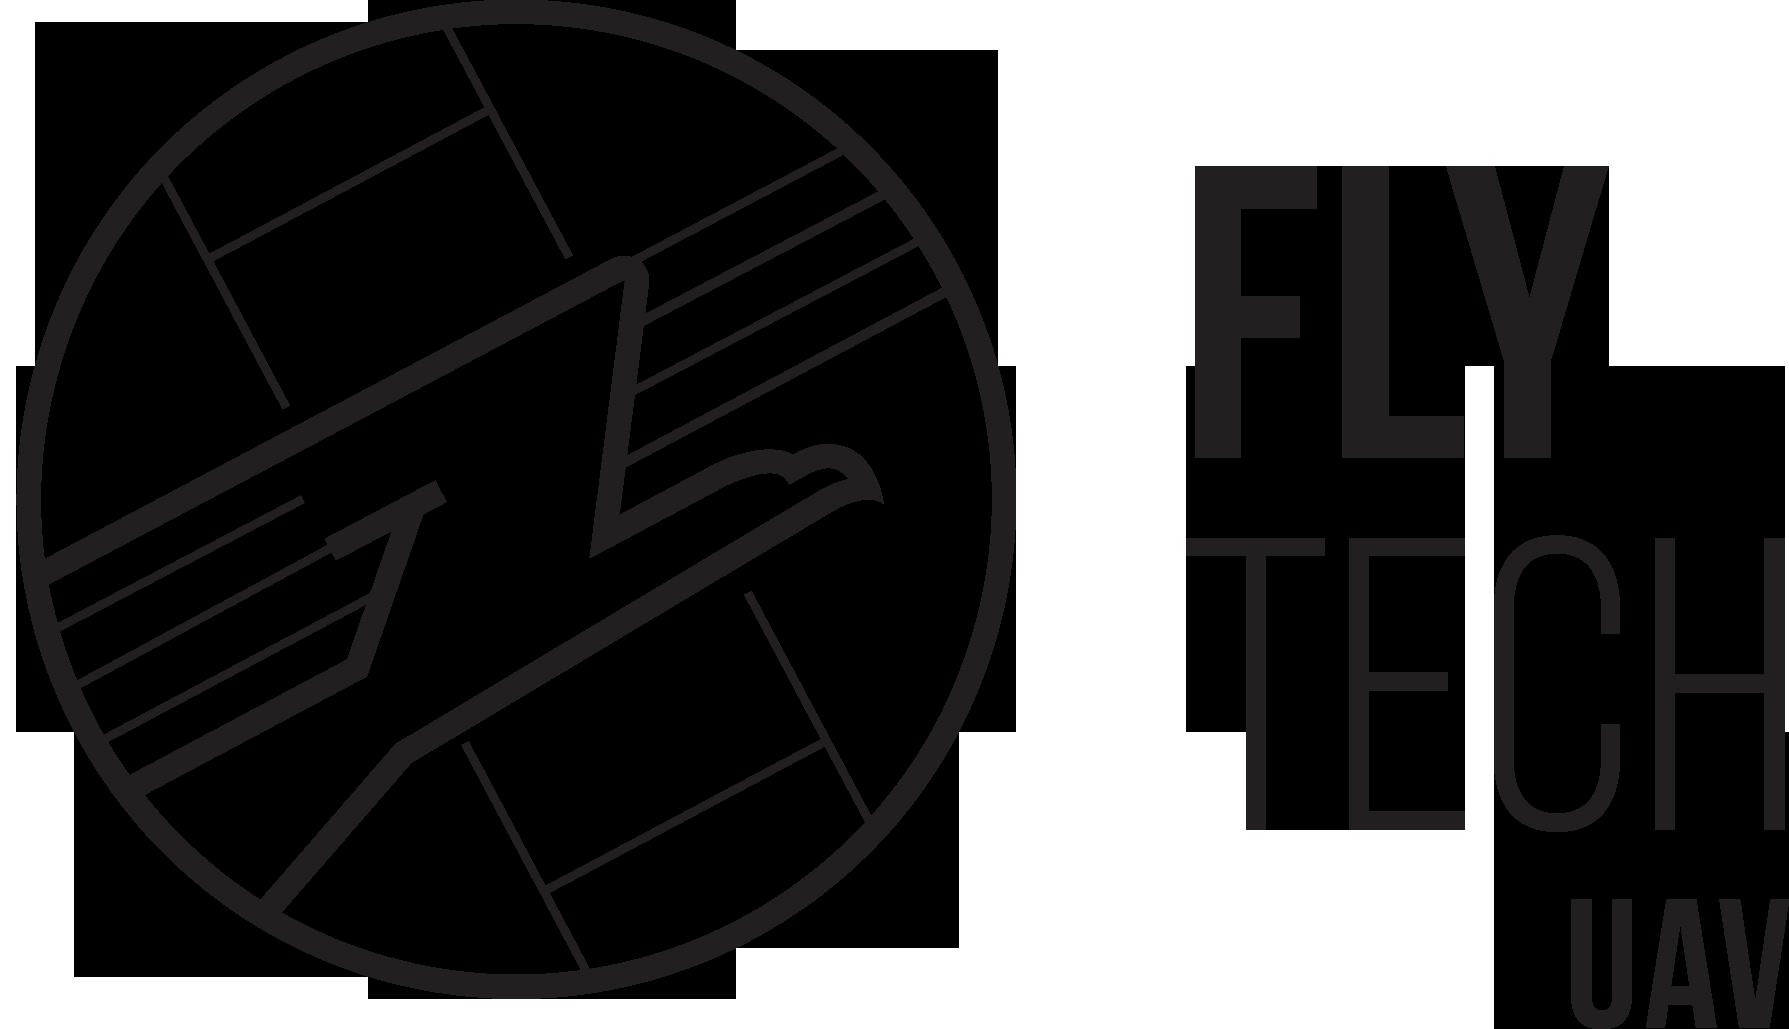 FlyTech UAV